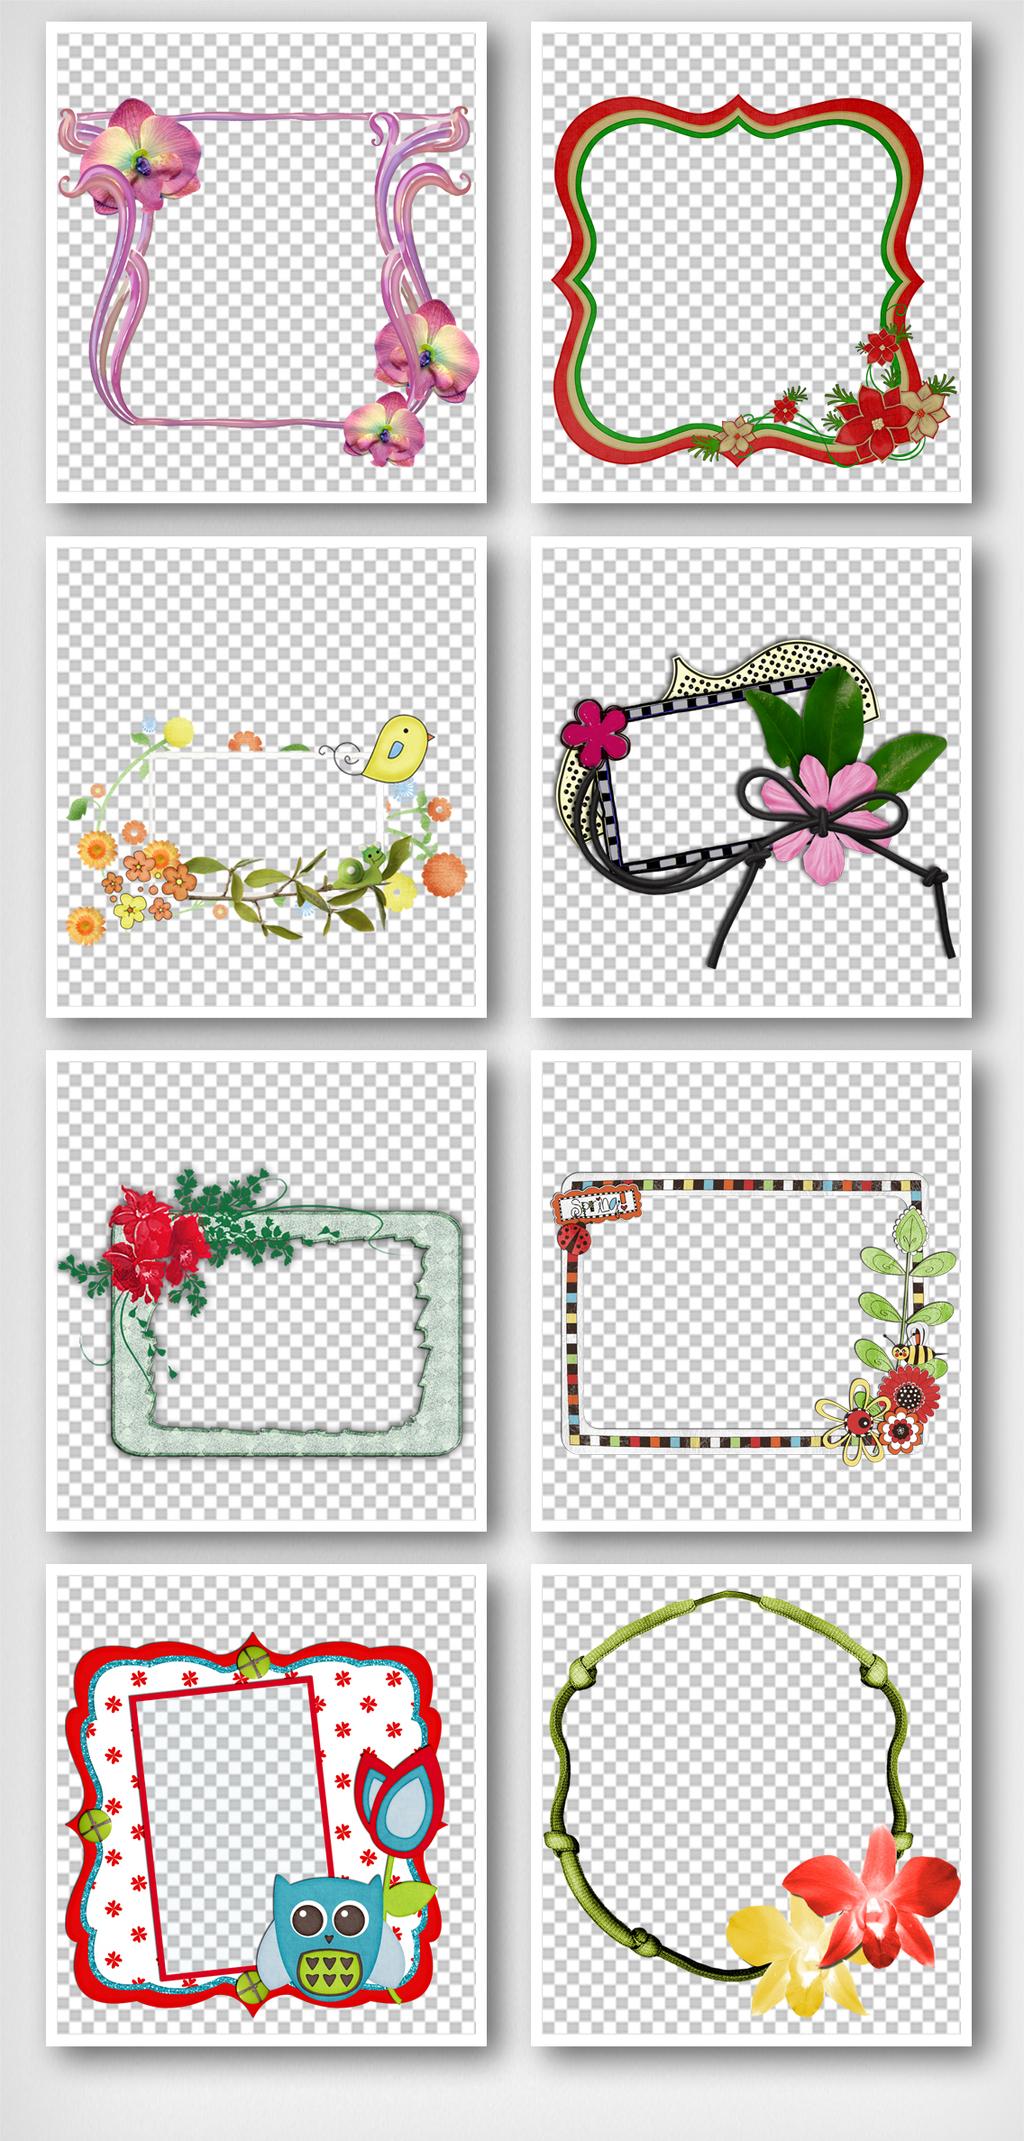 花朵相框手抄报边框元素